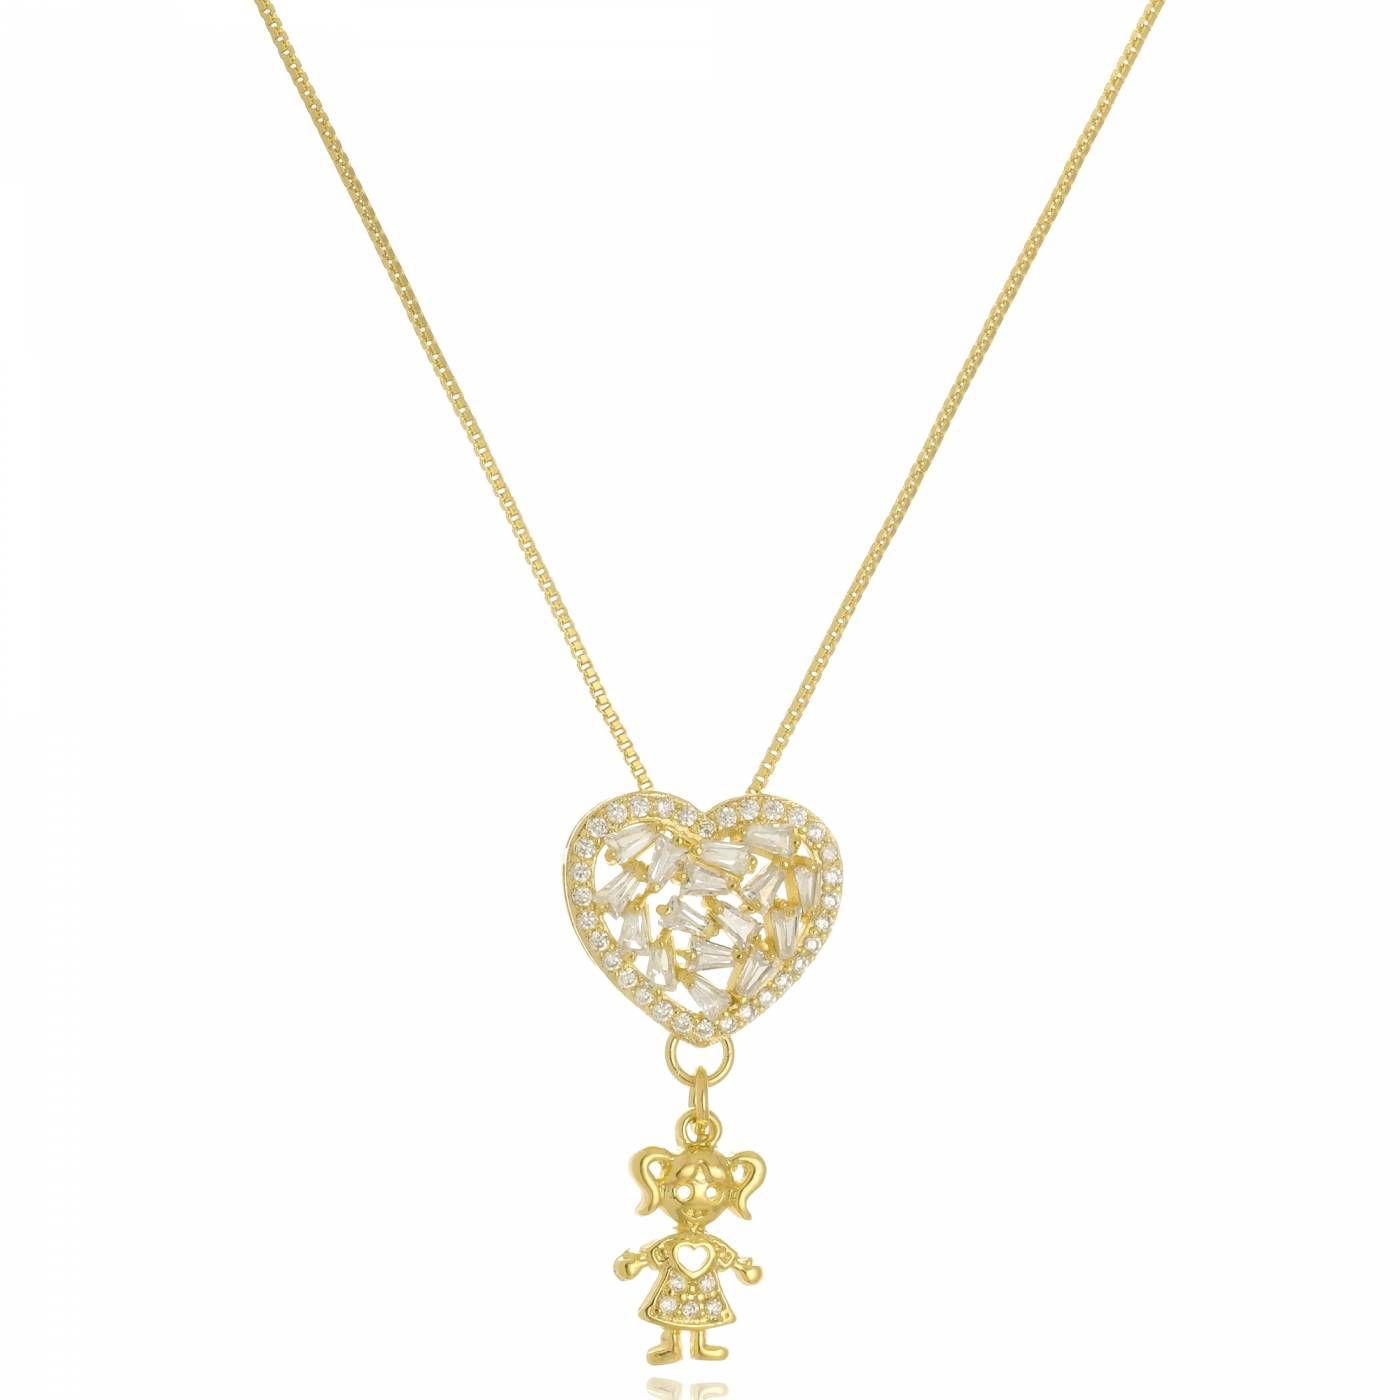 Colar Coração em Filetes Menina Folheado a Ouro 18K